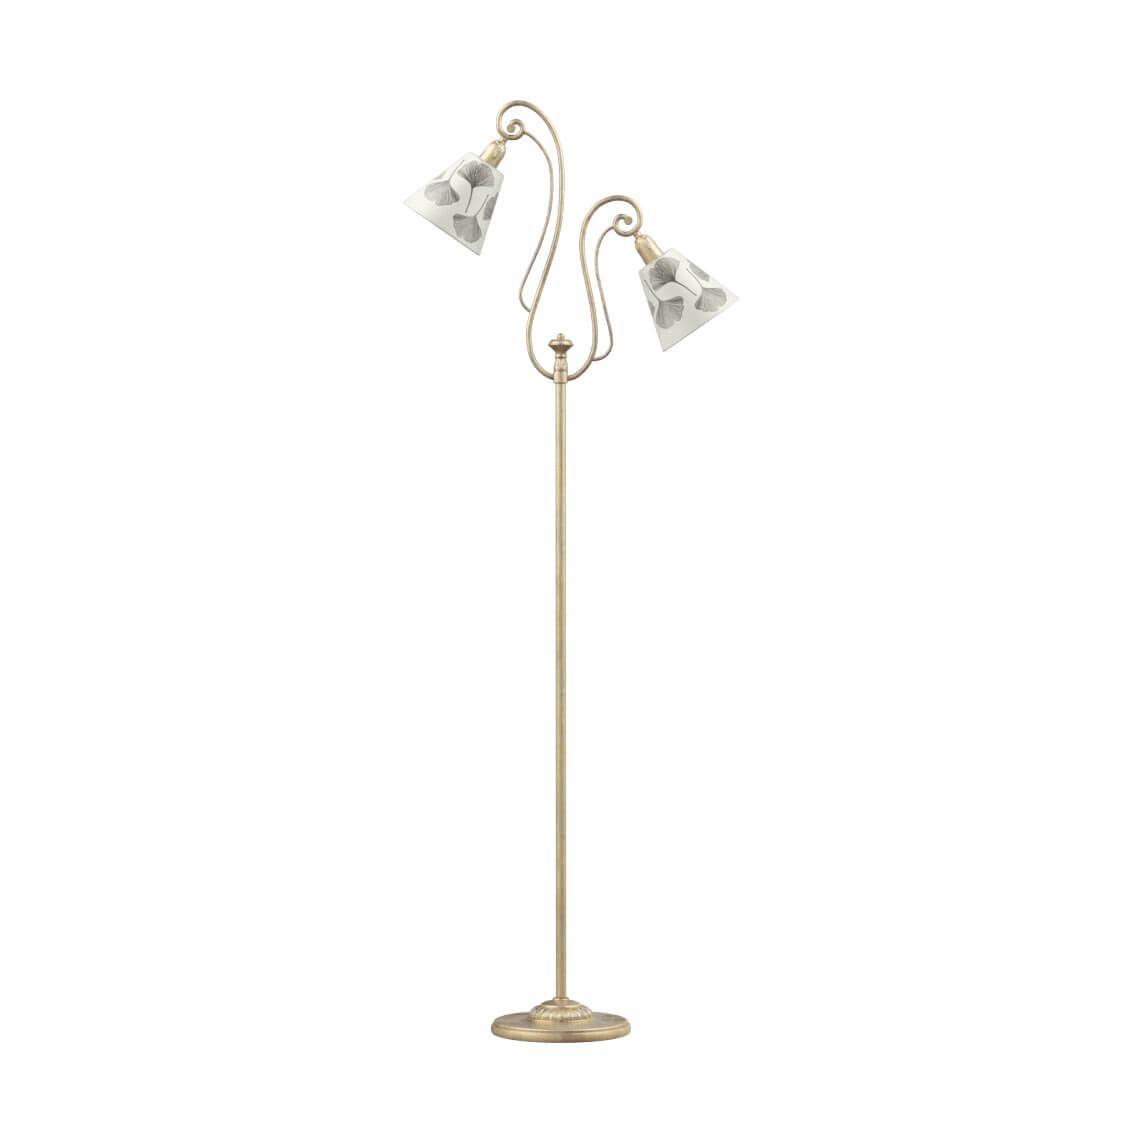 Торшер Lamp4you Classic E-02-H-LMP-O-7 bohemia art classic торшер bohemia art classic 13 12 8 4 195 h 165 gd sp